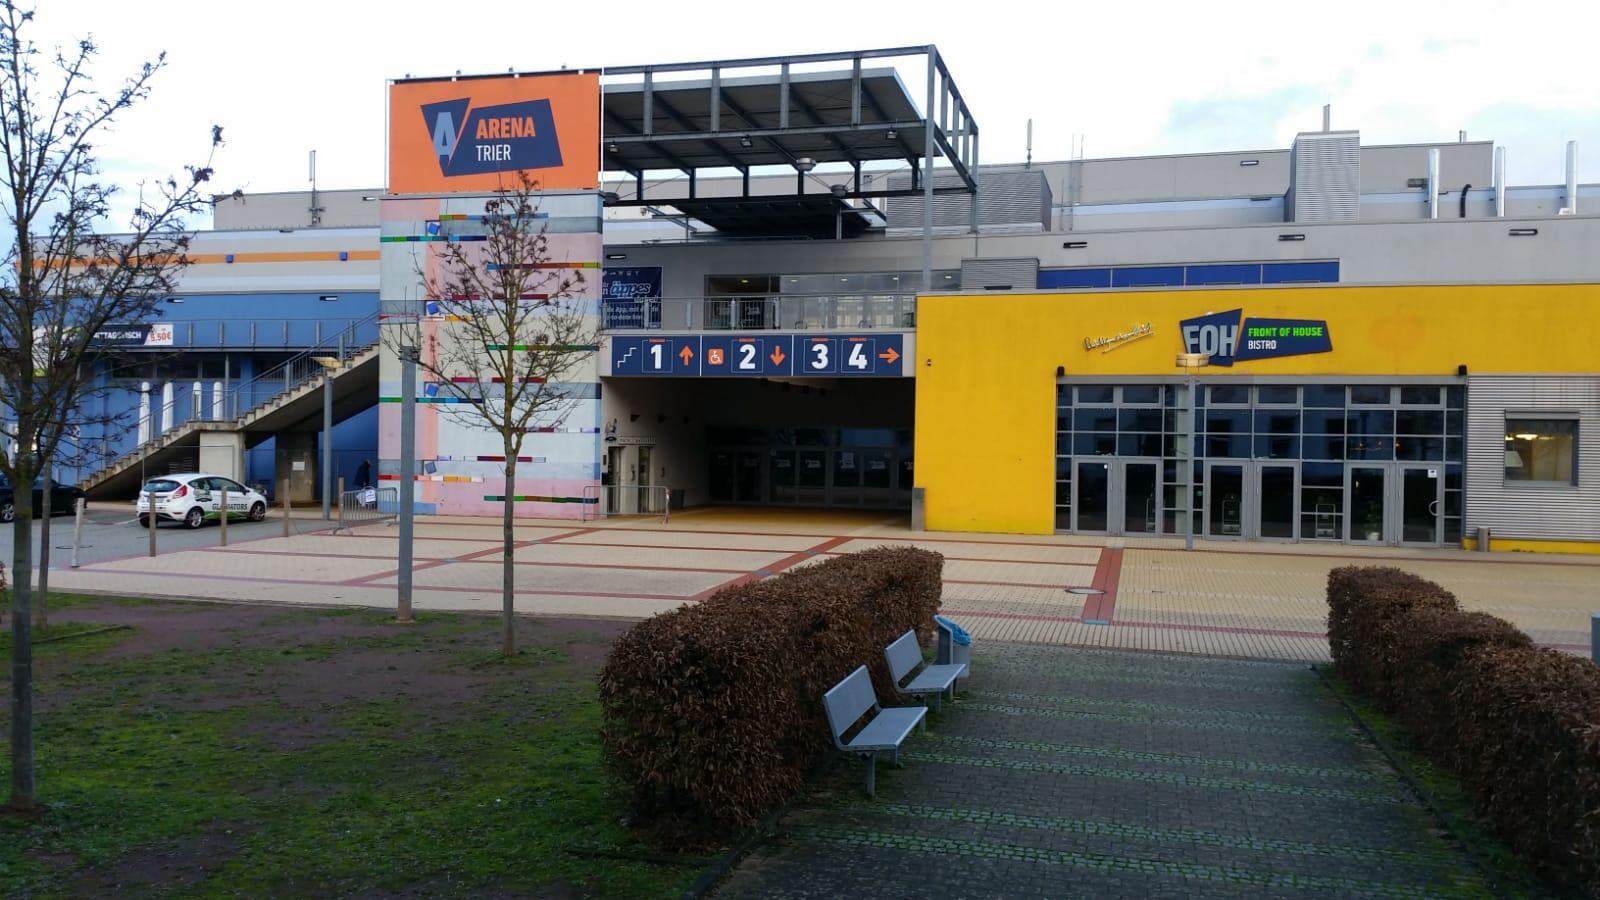 Bildergebnis für arena Trier